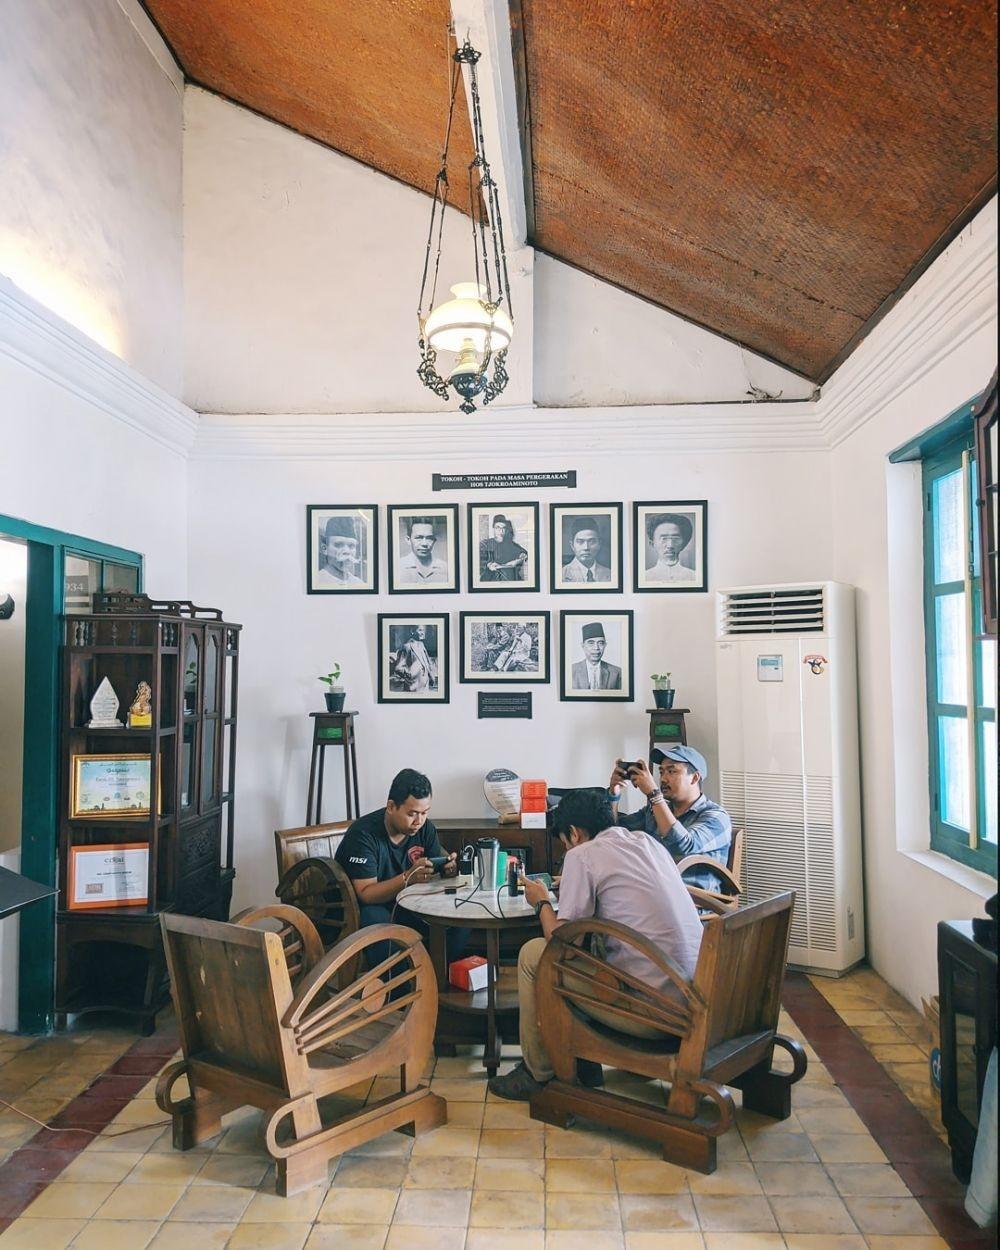 10 Tempat Wisata di Surabaya yang Ditutup akibat Virus Corona